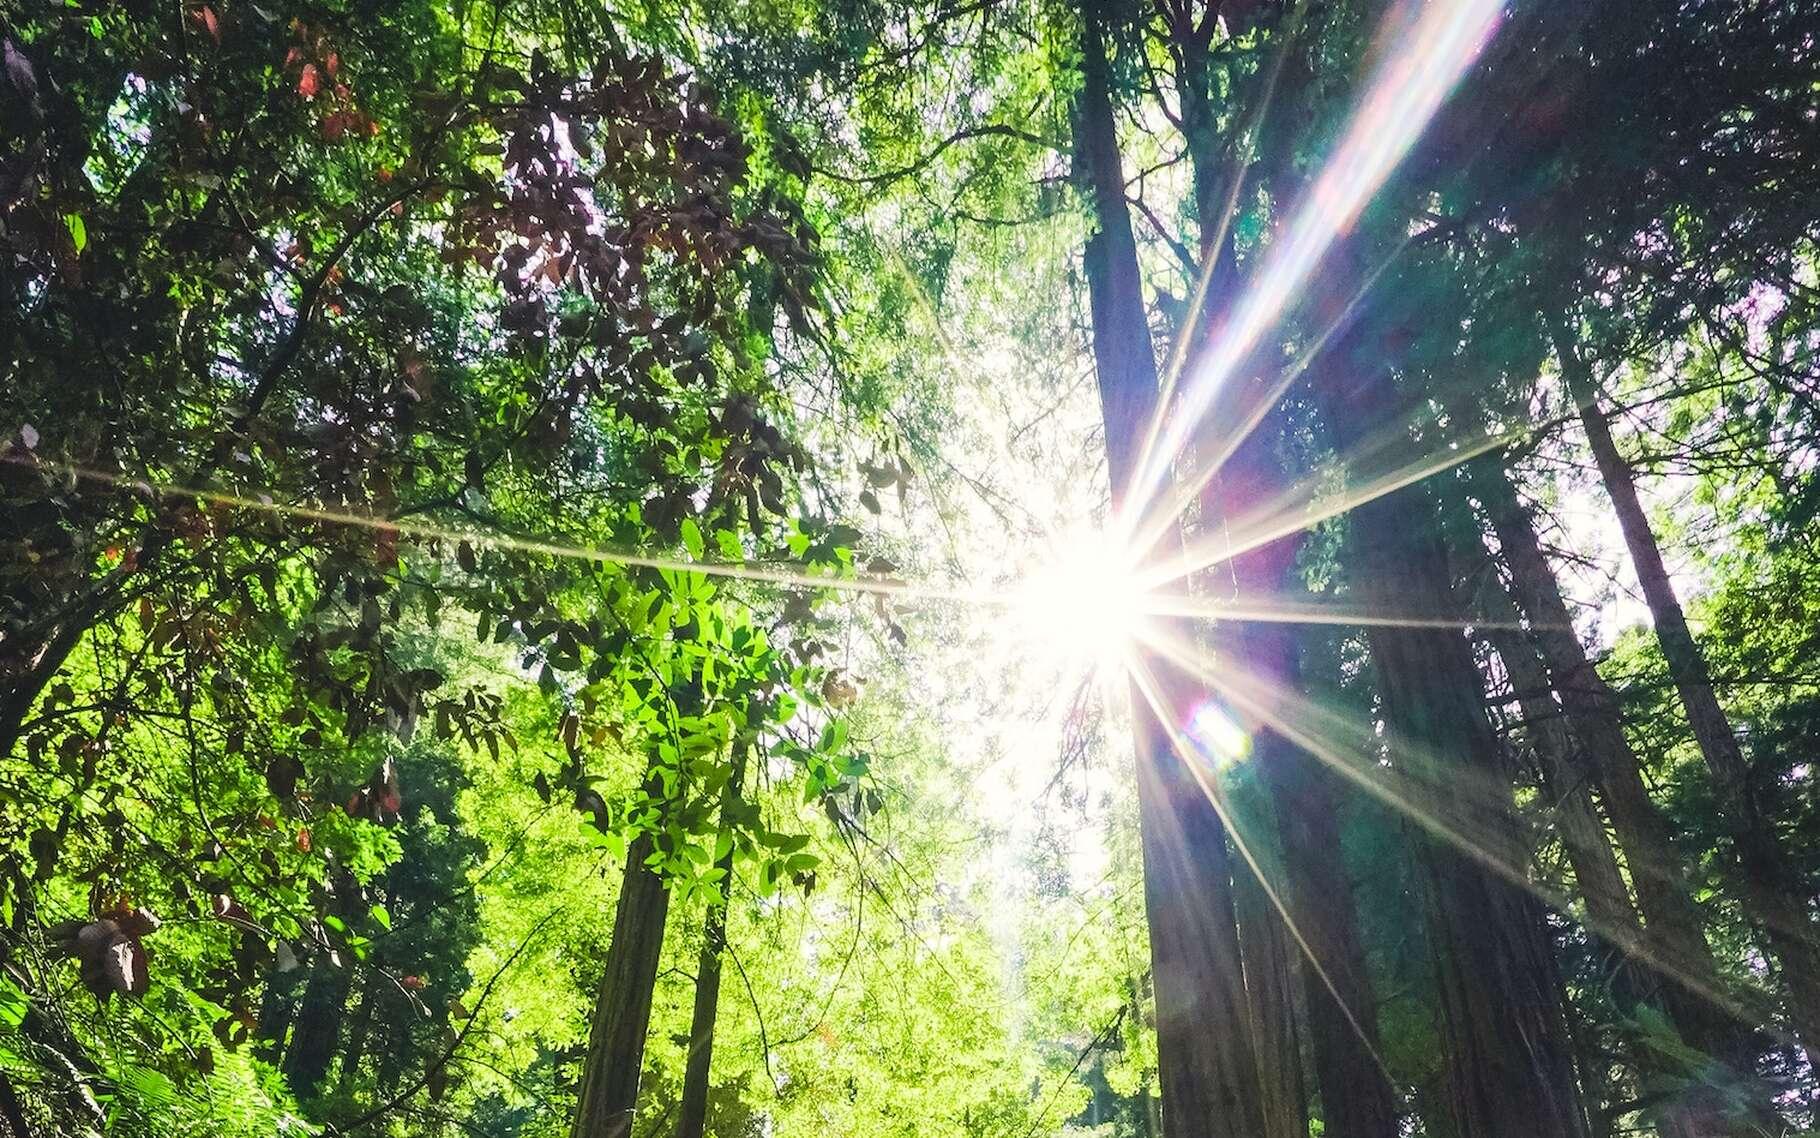 La chaleur du Soleil nous est transmise par rayonnement. Mais ce n'est pas le seul mode de transmission possible. © Eric Ward, Unsplash